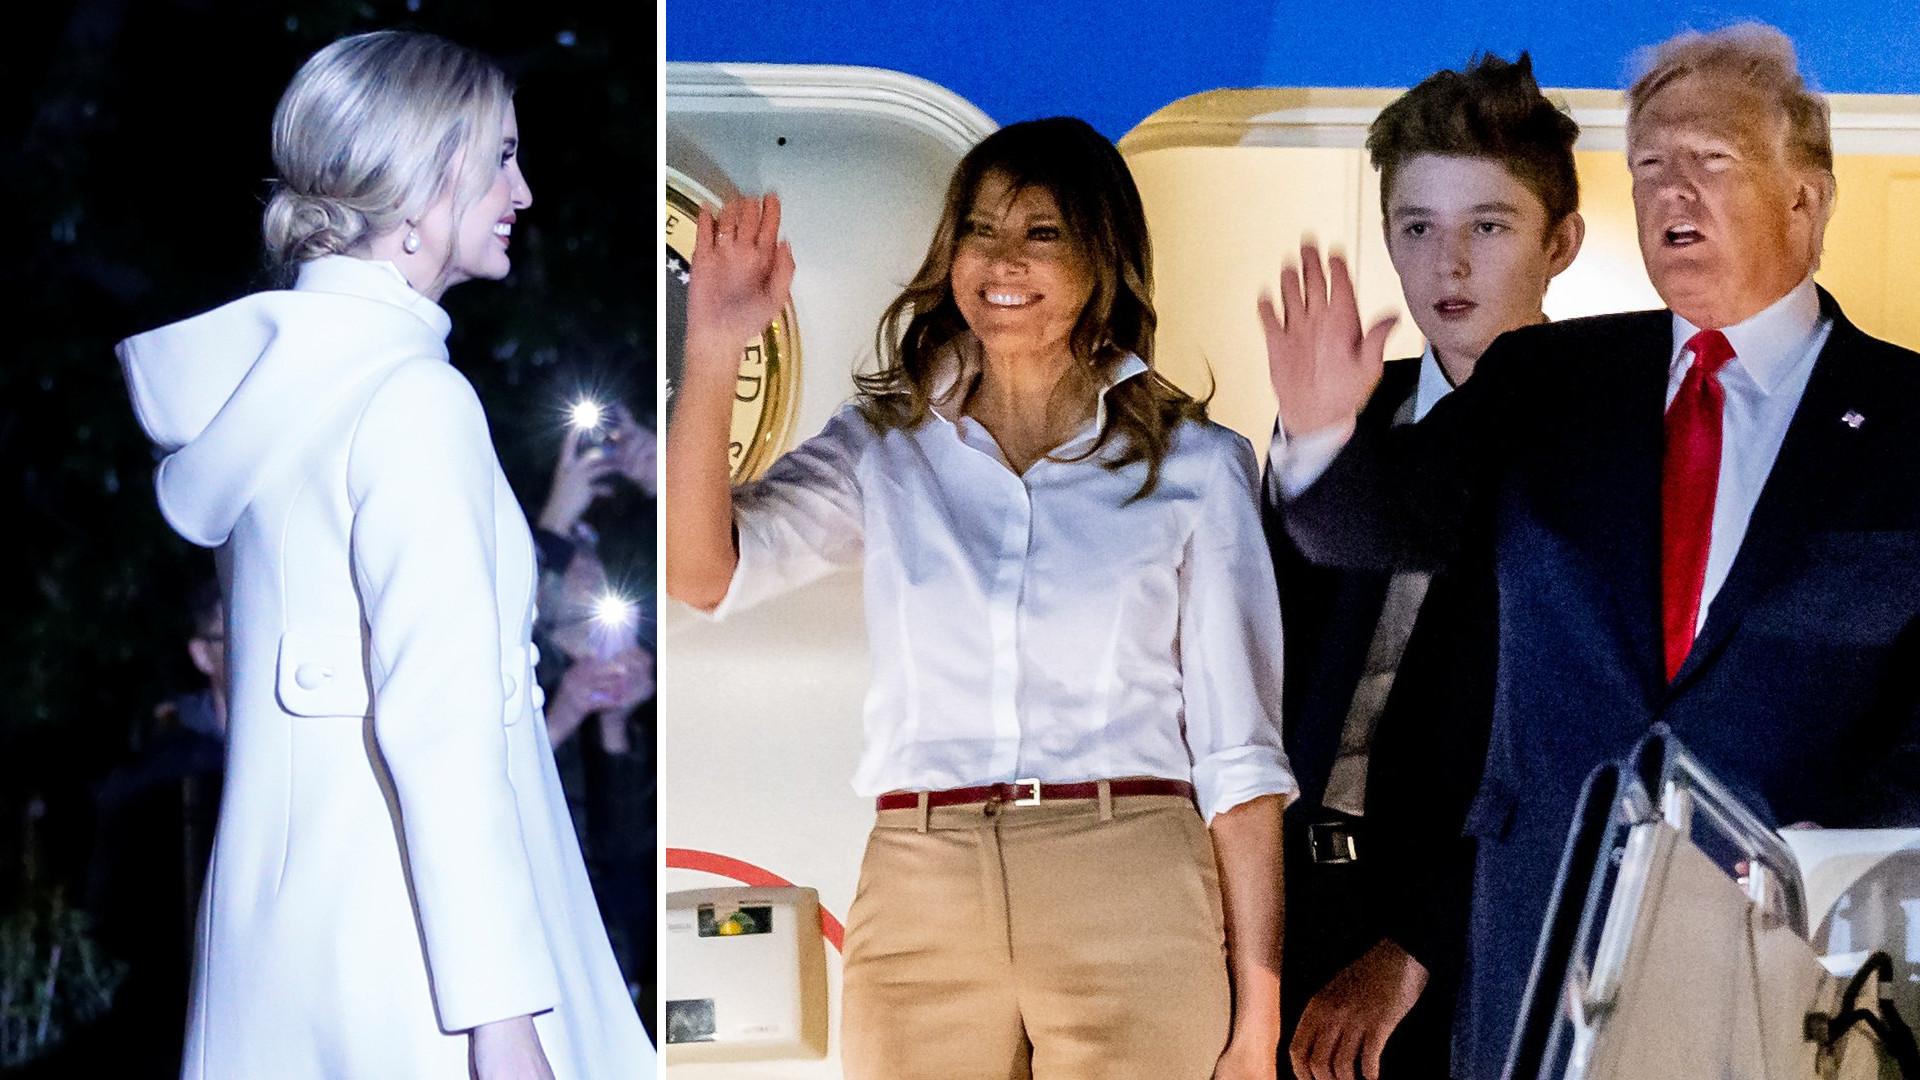 Ivanka czy Melania Trump? Która wyglądała lepiej w zimowej stylizacji? (ZDJĘCIA)